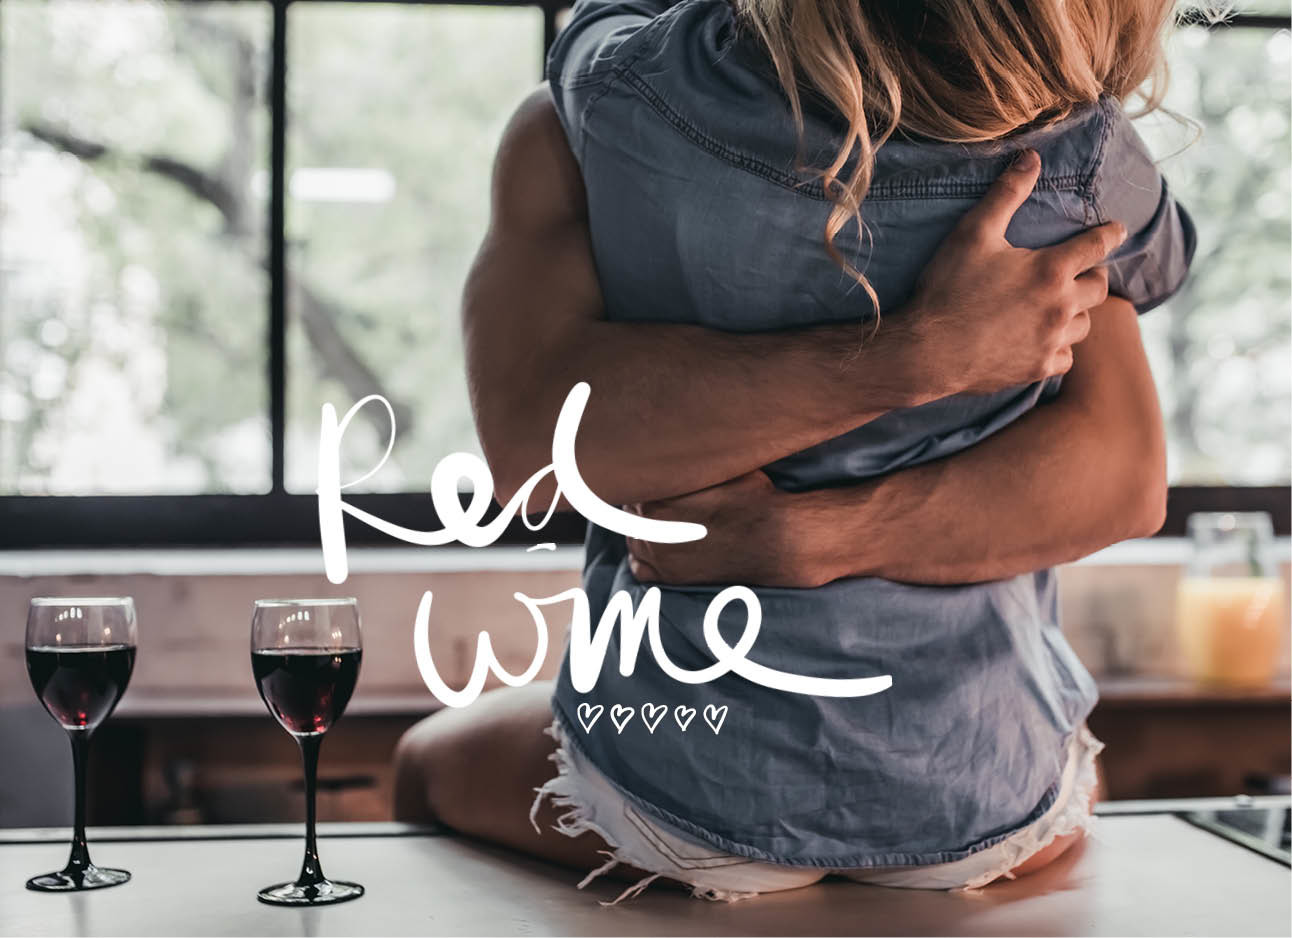 rode wijn koppel knuffelen